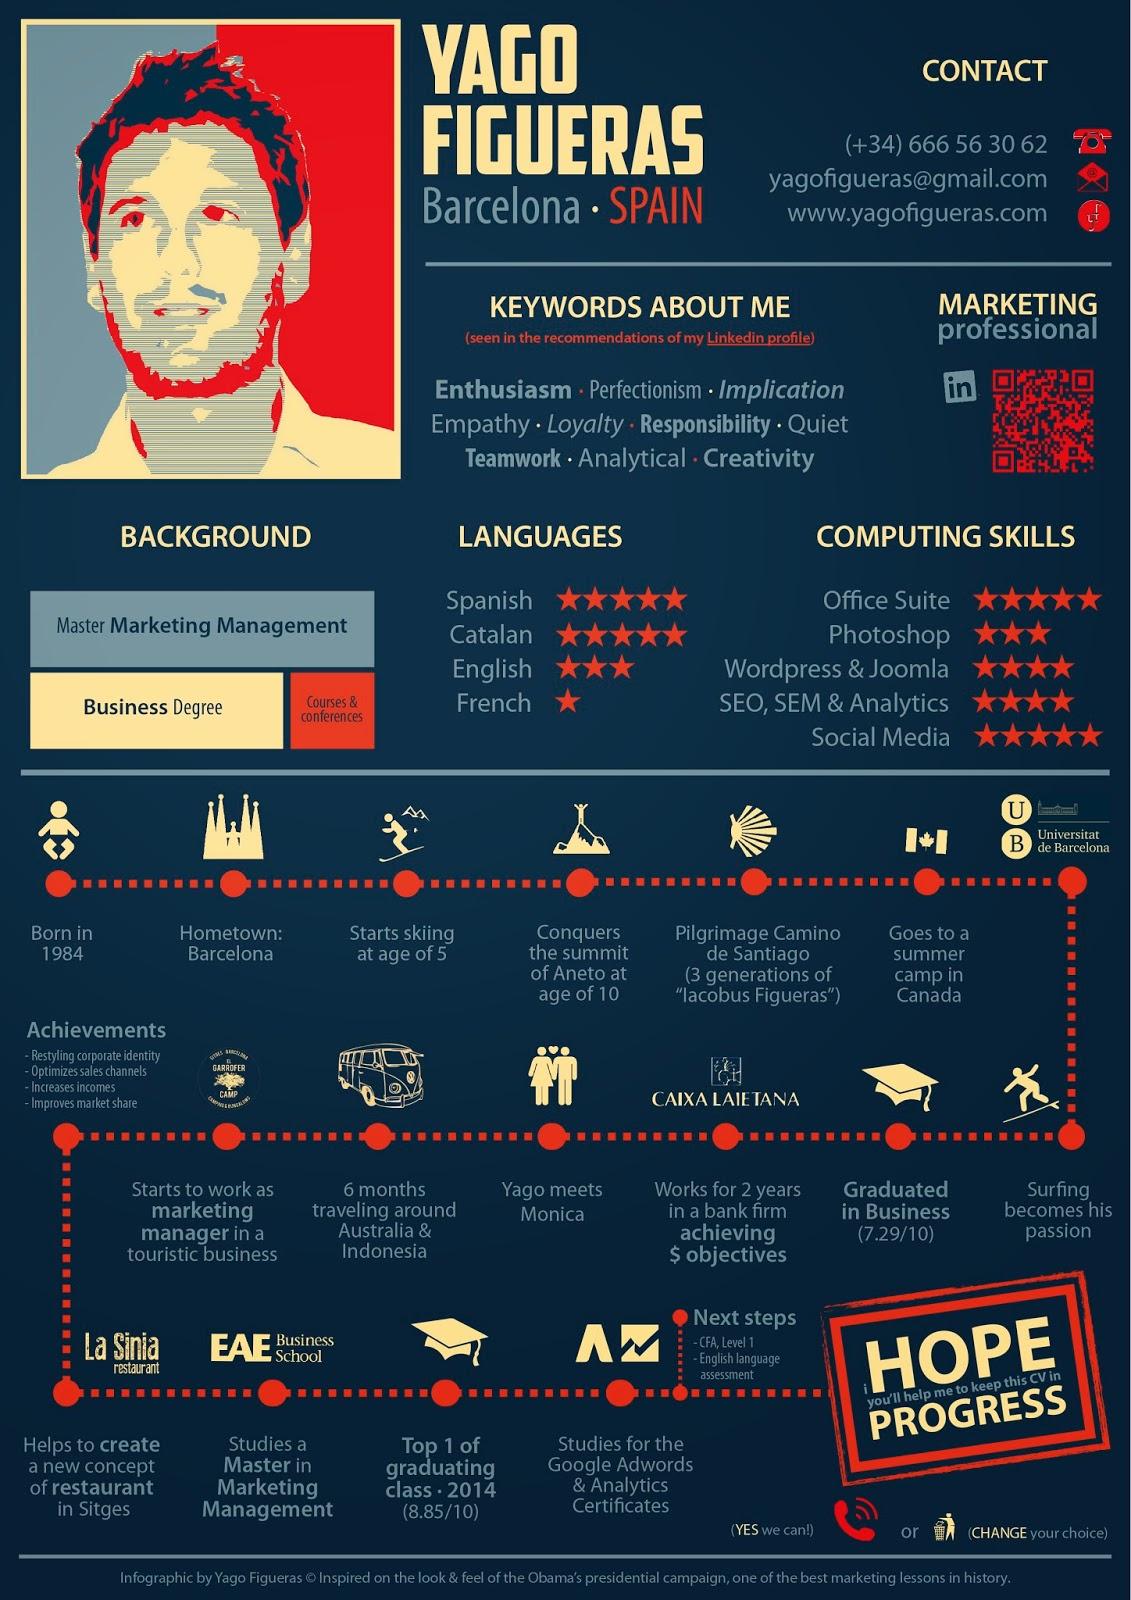 Las Infografias Como Fuente De Informacion